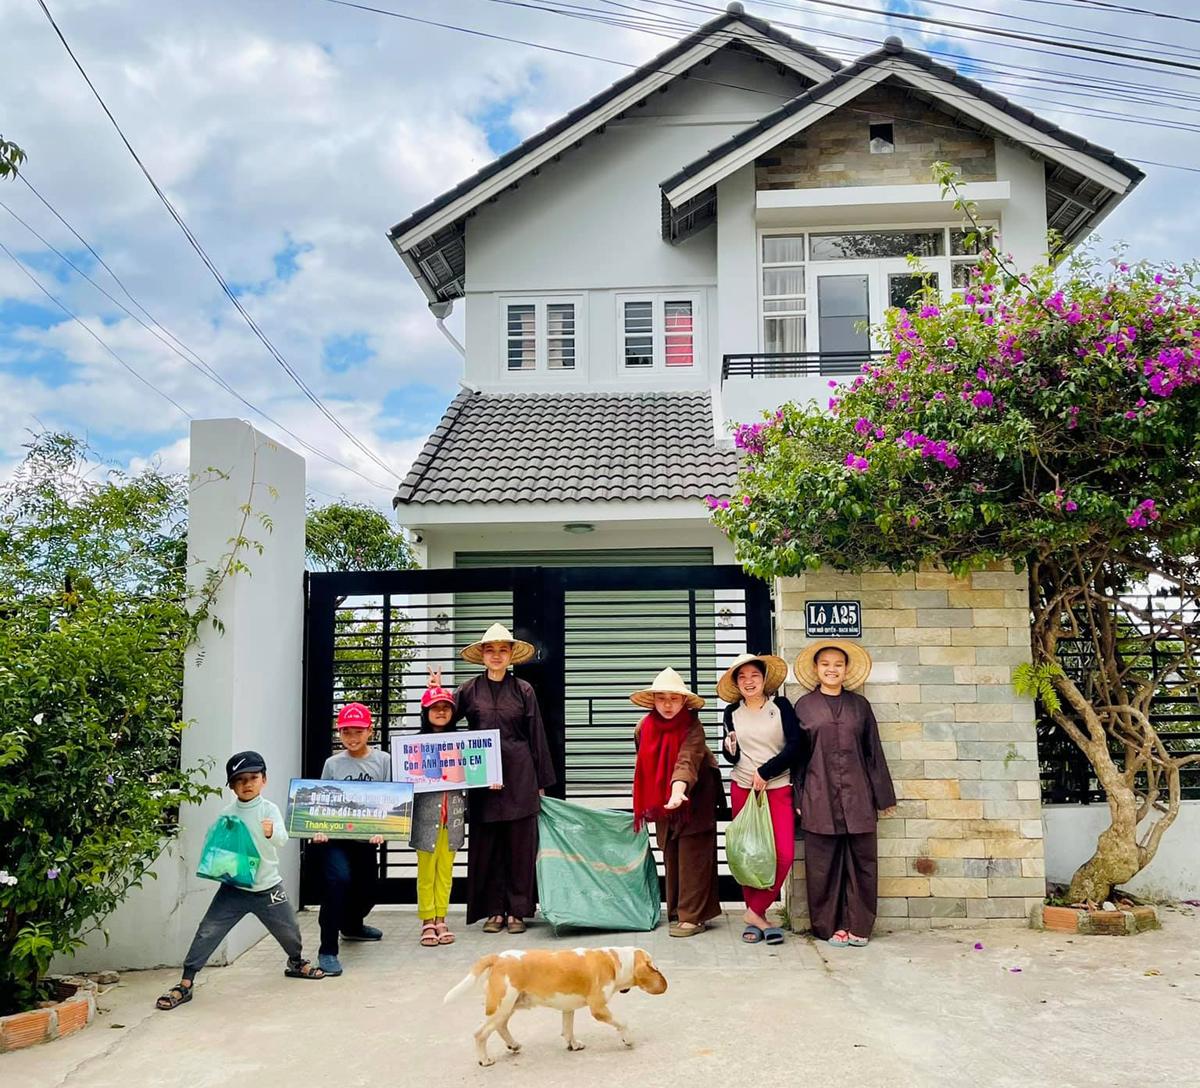 Gia đình chị Diễm sống ẩn cư tại Đà Lạt mỗi khi về Việt Nam. Trong ảnh các thành viên trong gia đình chị ra quân dọn dẹp công viên đồi thông trước nhà. Ảnh: Diem Loving Heart Nguyen.